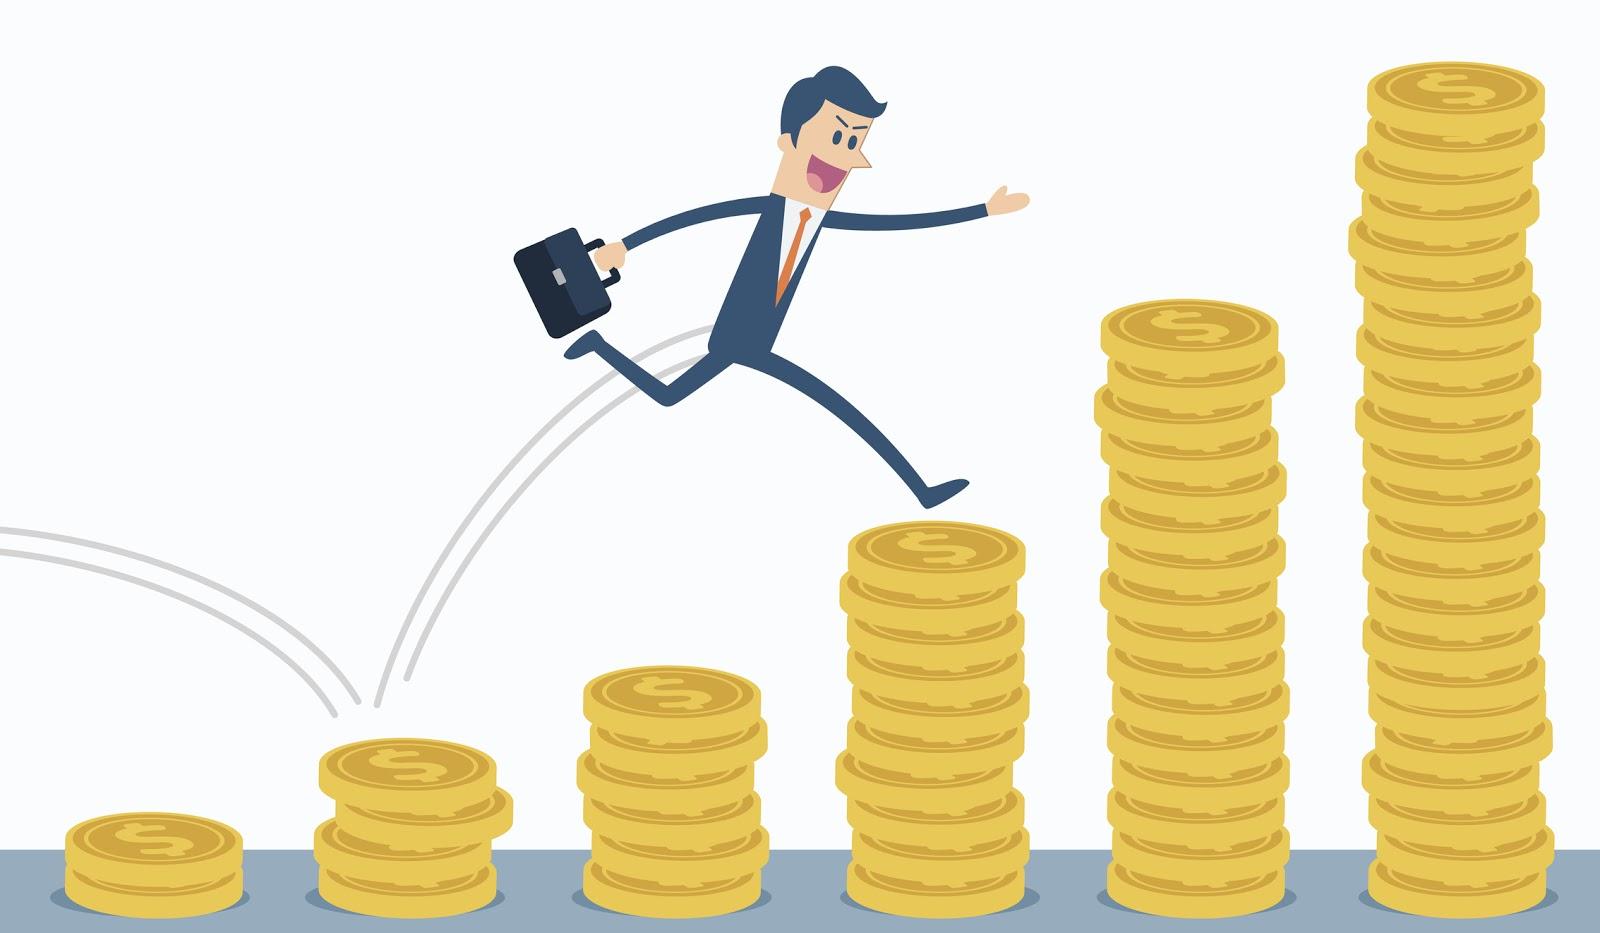 Đơn vị tiền tệ trong kế toán có những quy định nào?